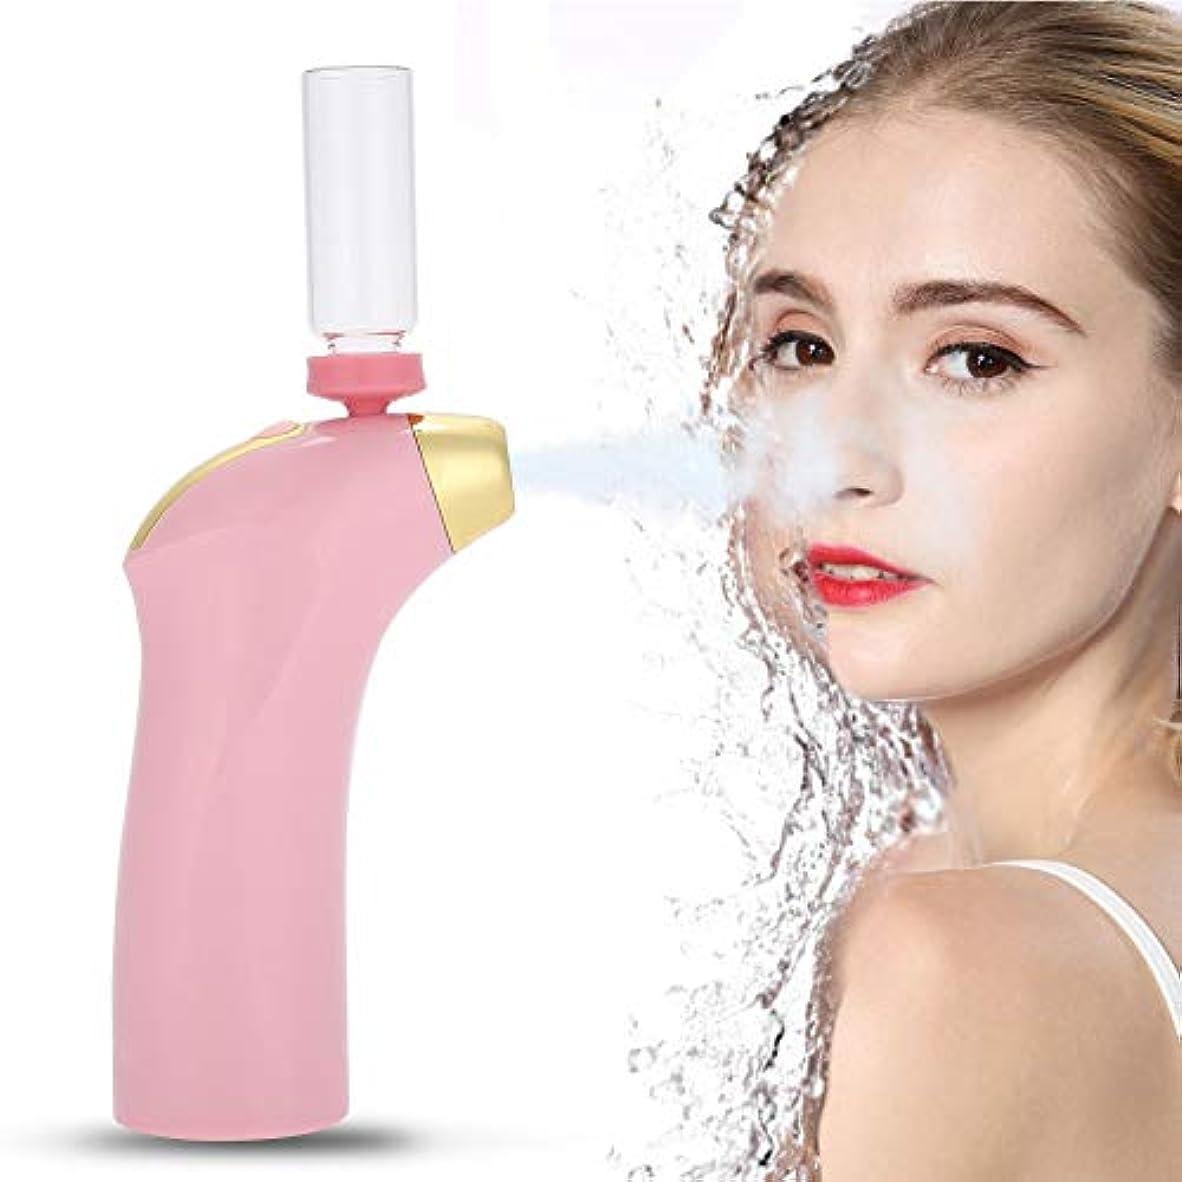 壮大な以前はパケット専門の酸素の注入のスプレーガン - 顔の皮の若返りの美機械、顔の美の器械、引き締まる皮は、肌の色合い、色素形成を改善します